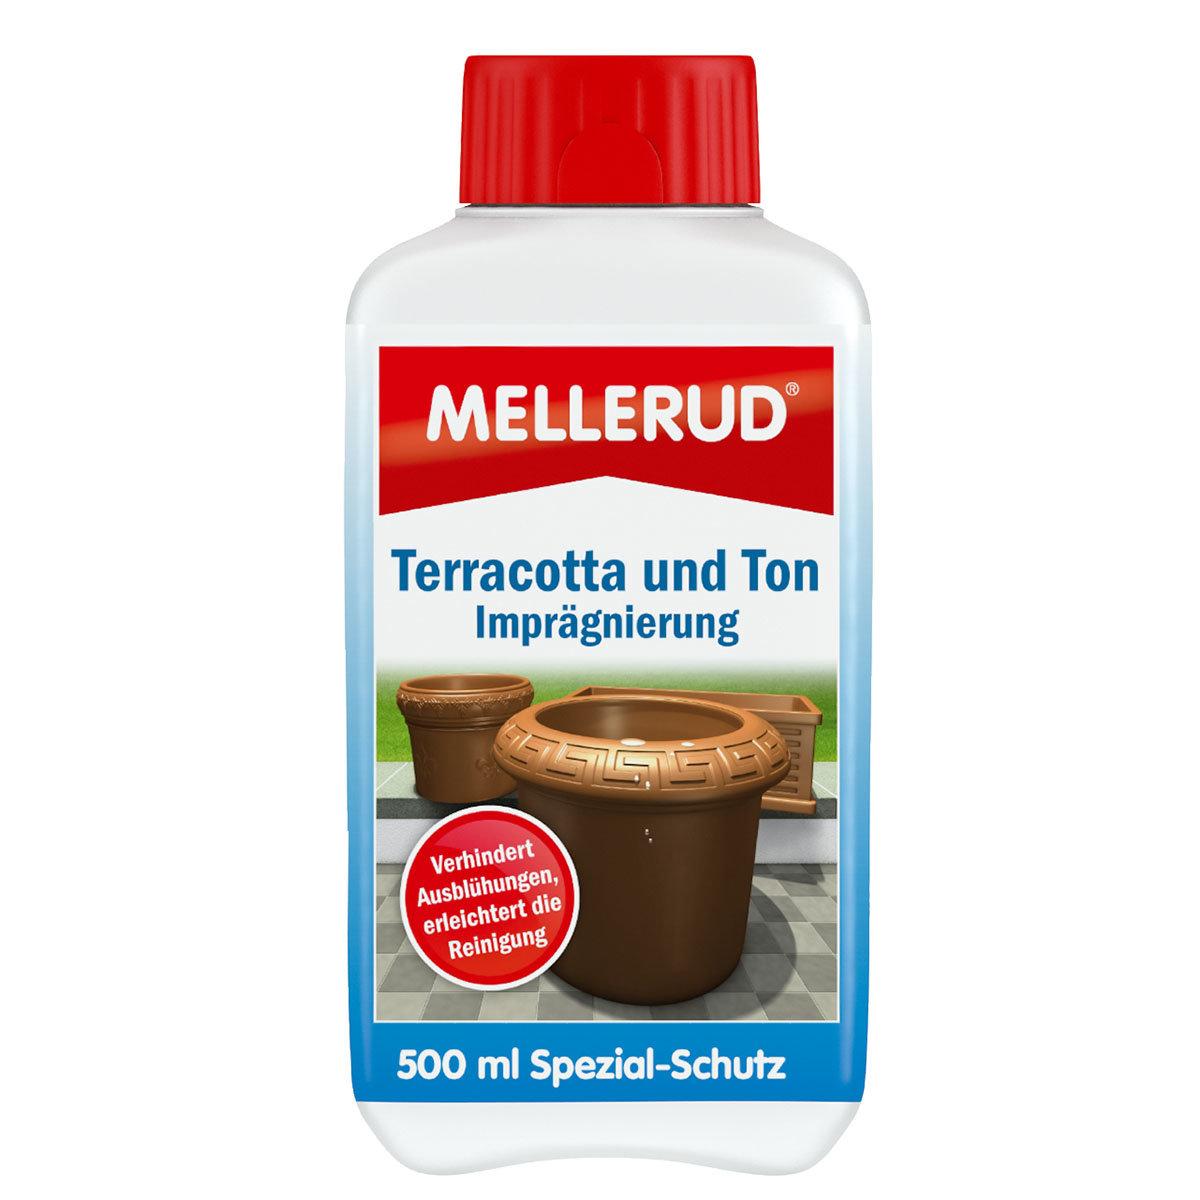 MELLERUD® Terracotta und Ton Imprägnierung 0,5 l